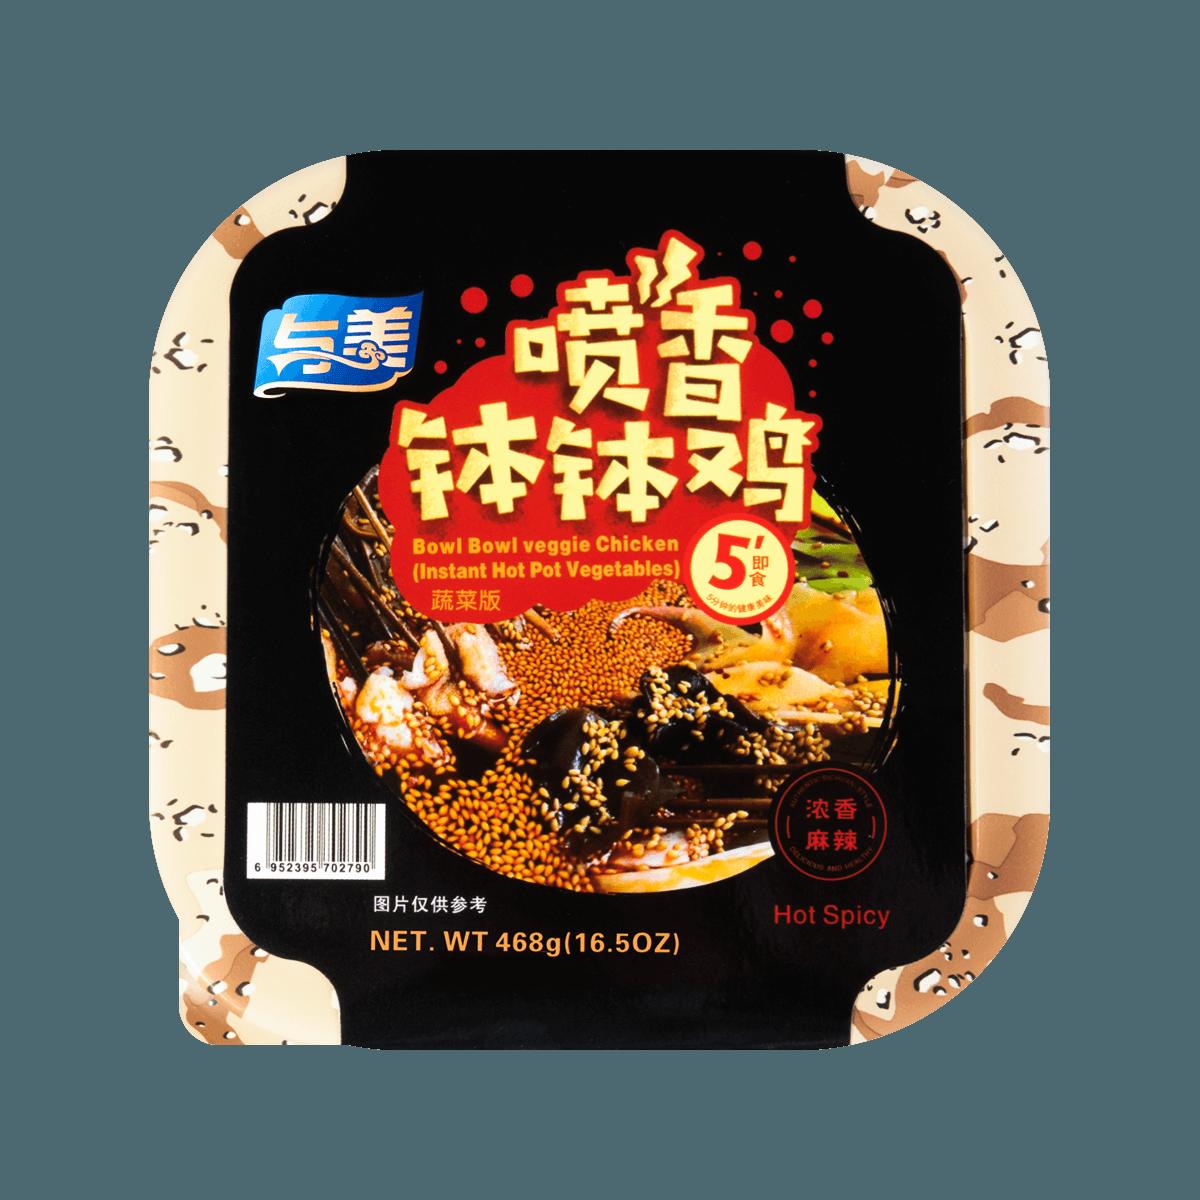 与美 喷香钵钵鸡 蔬菜版 浓香麻辣味 468g 怎么样 - 亚米网